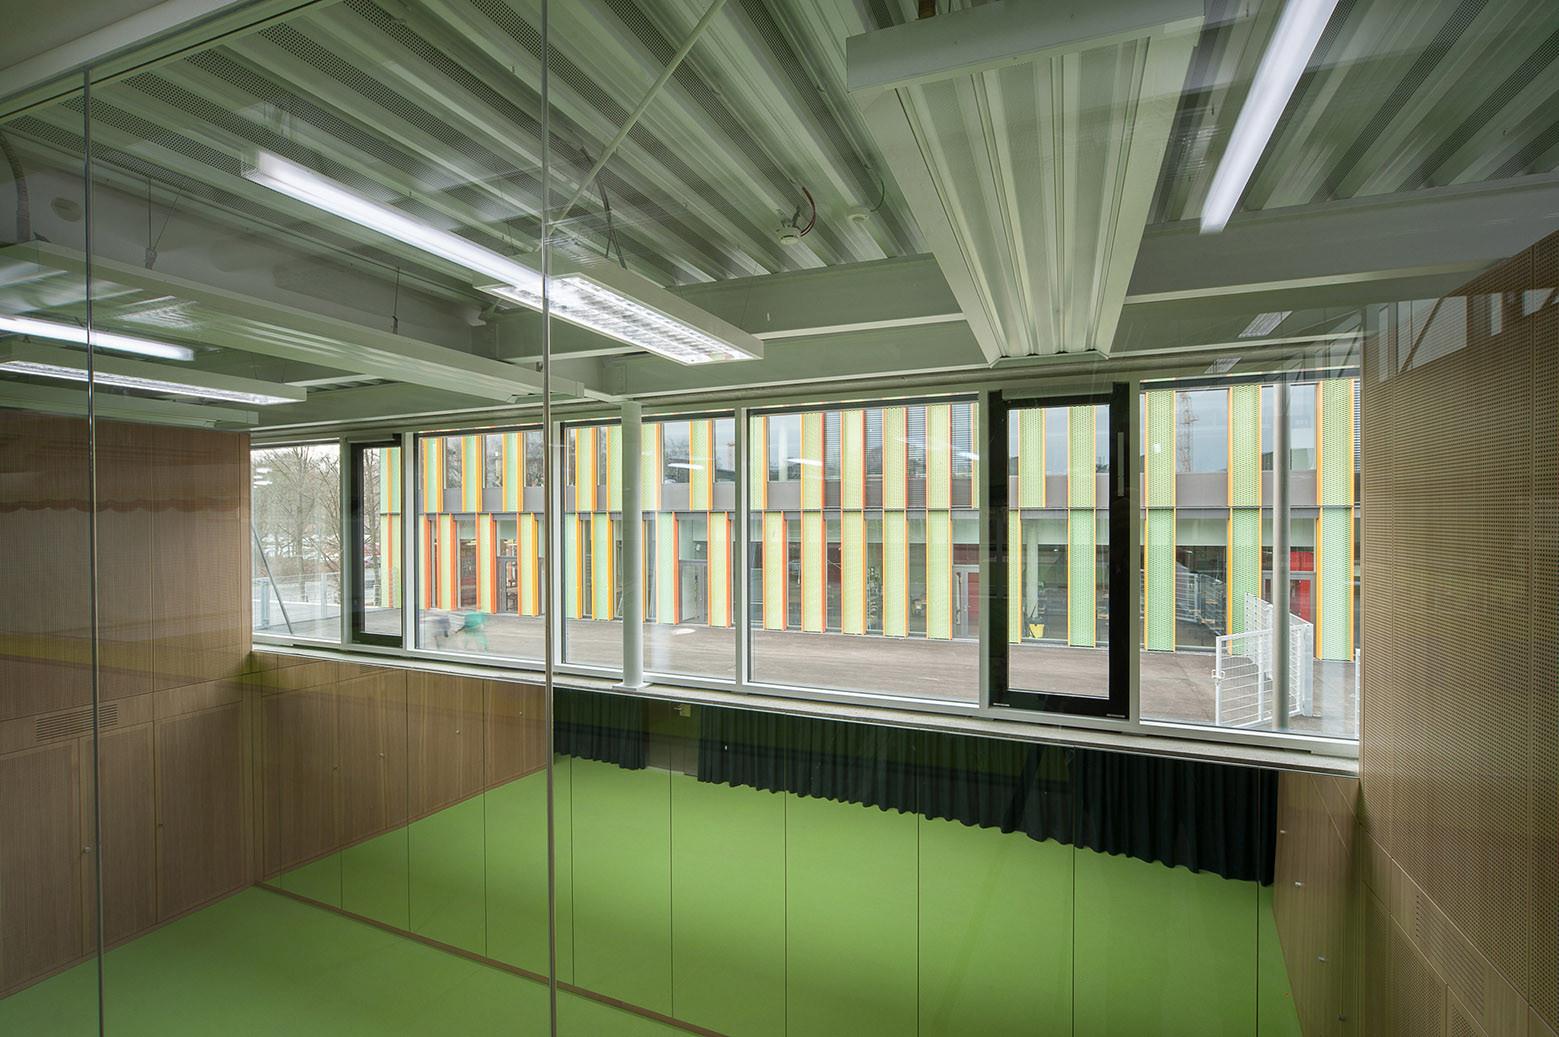 Architekten Biberach gallery of learning centre biberach lanz schwager architekten 28